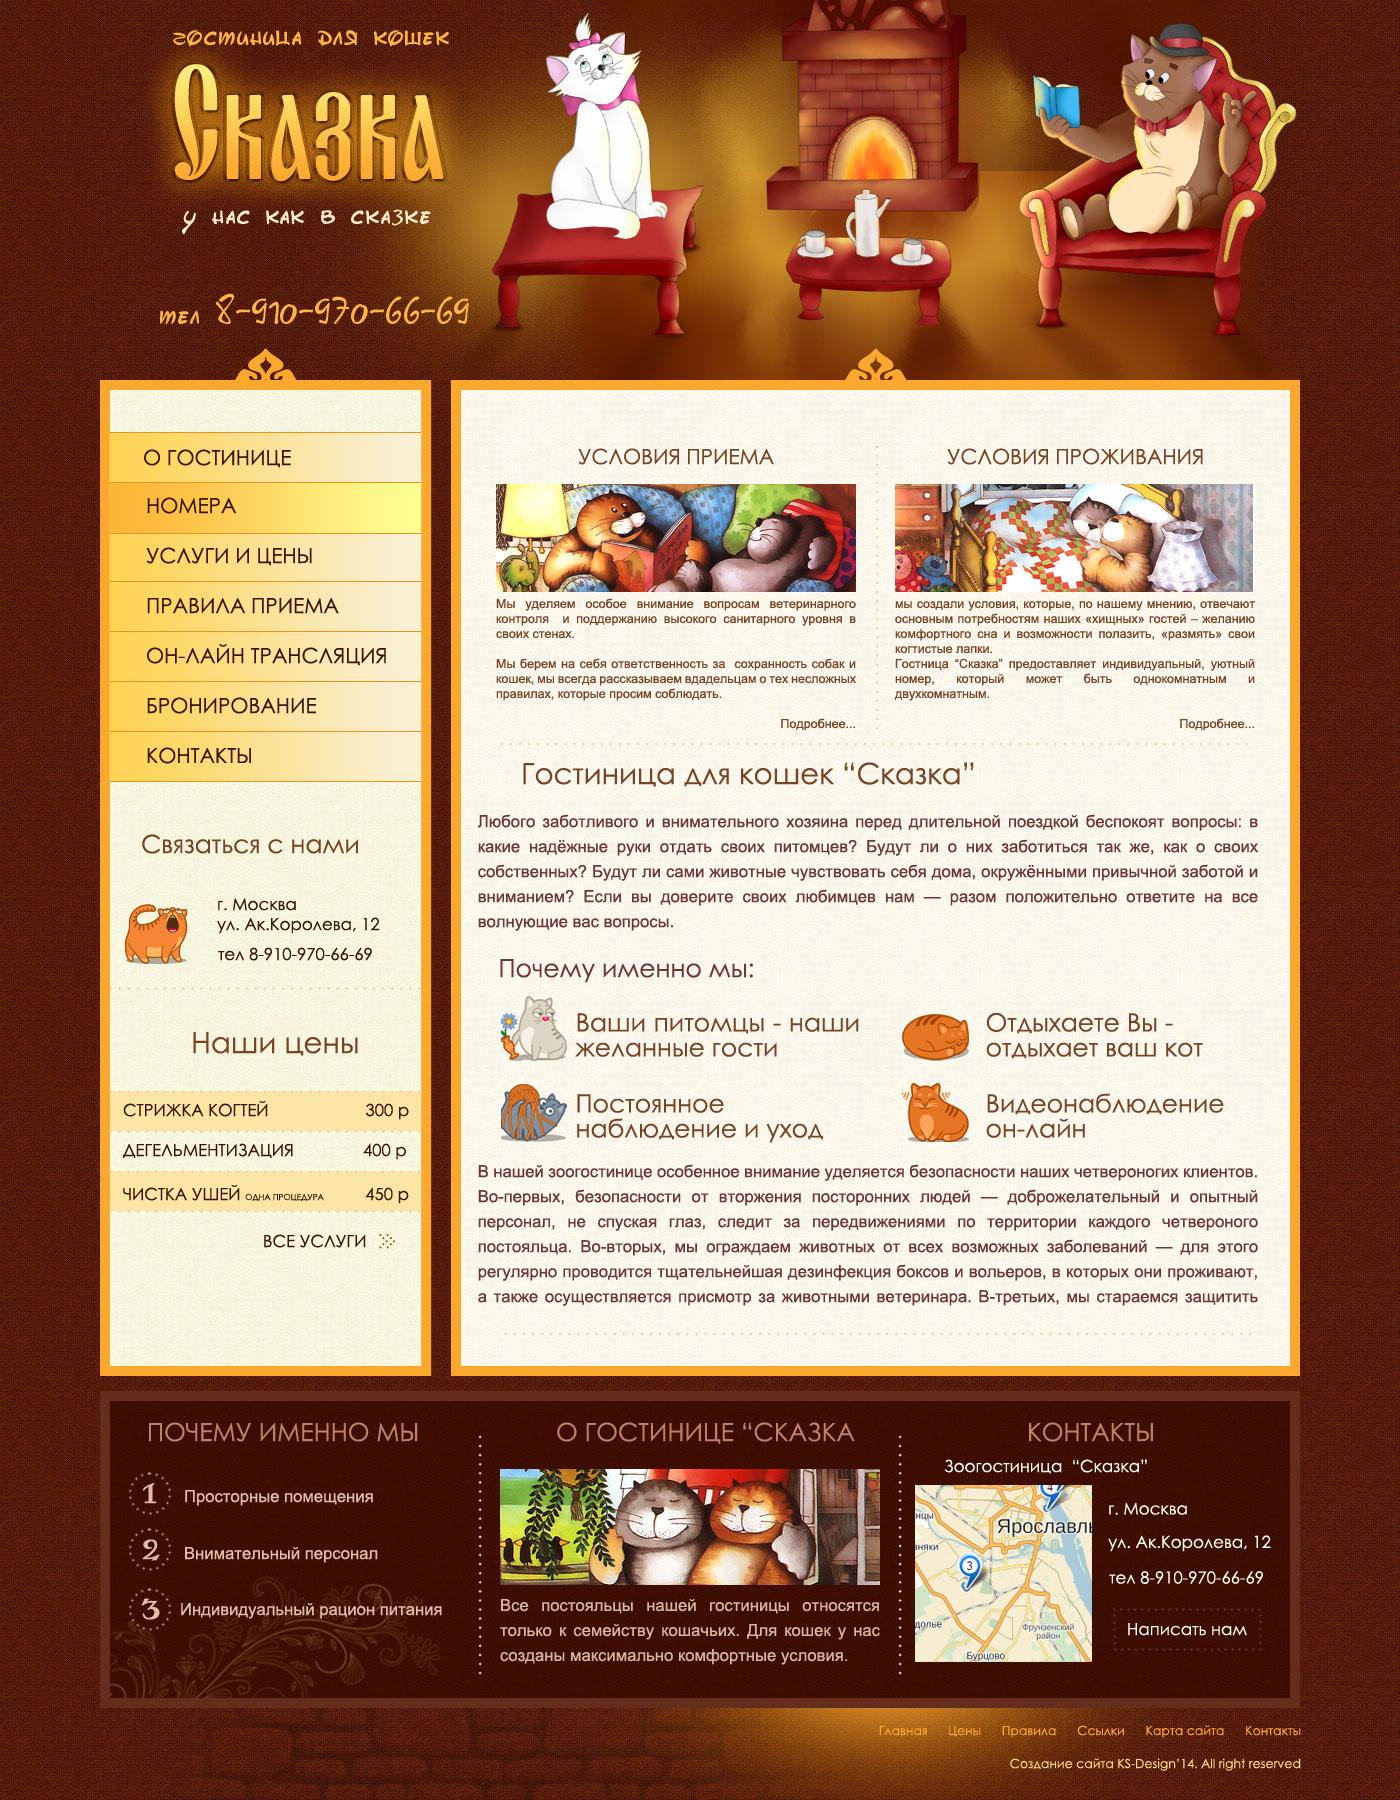 дизайн сайта для гостиницы кошек